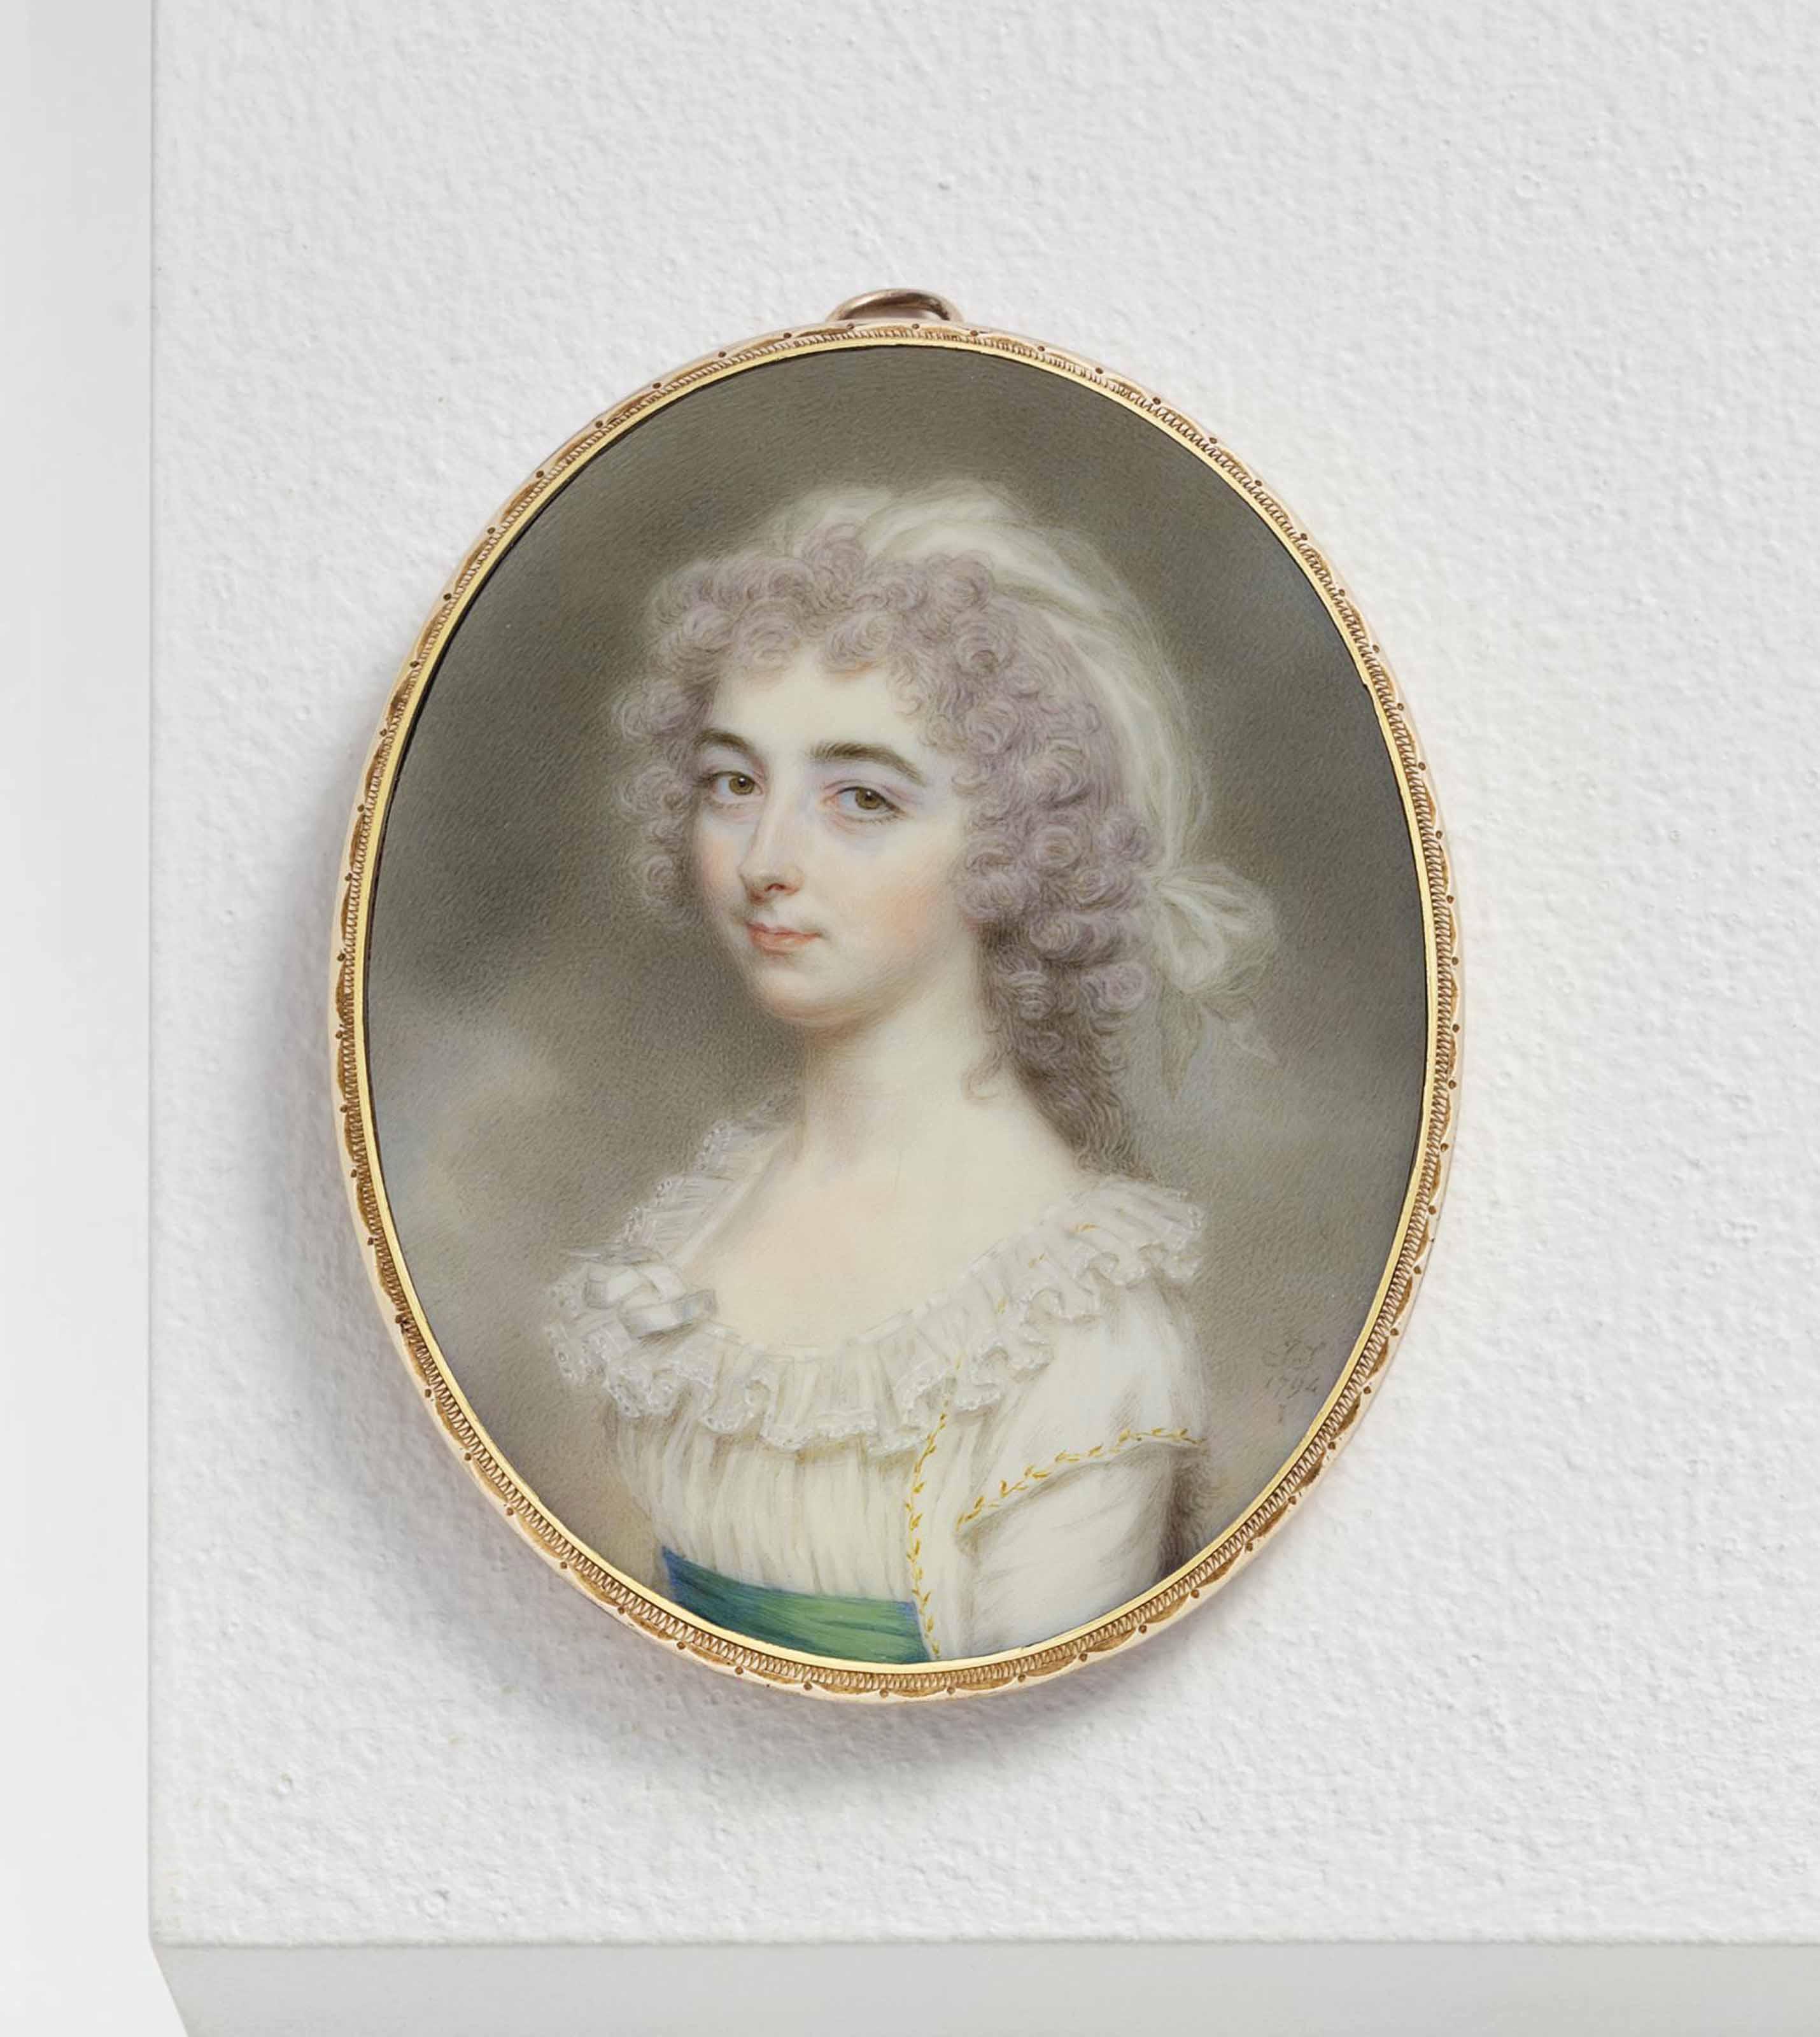 JOHN SMART (BRITISH, 1742/43-1811)